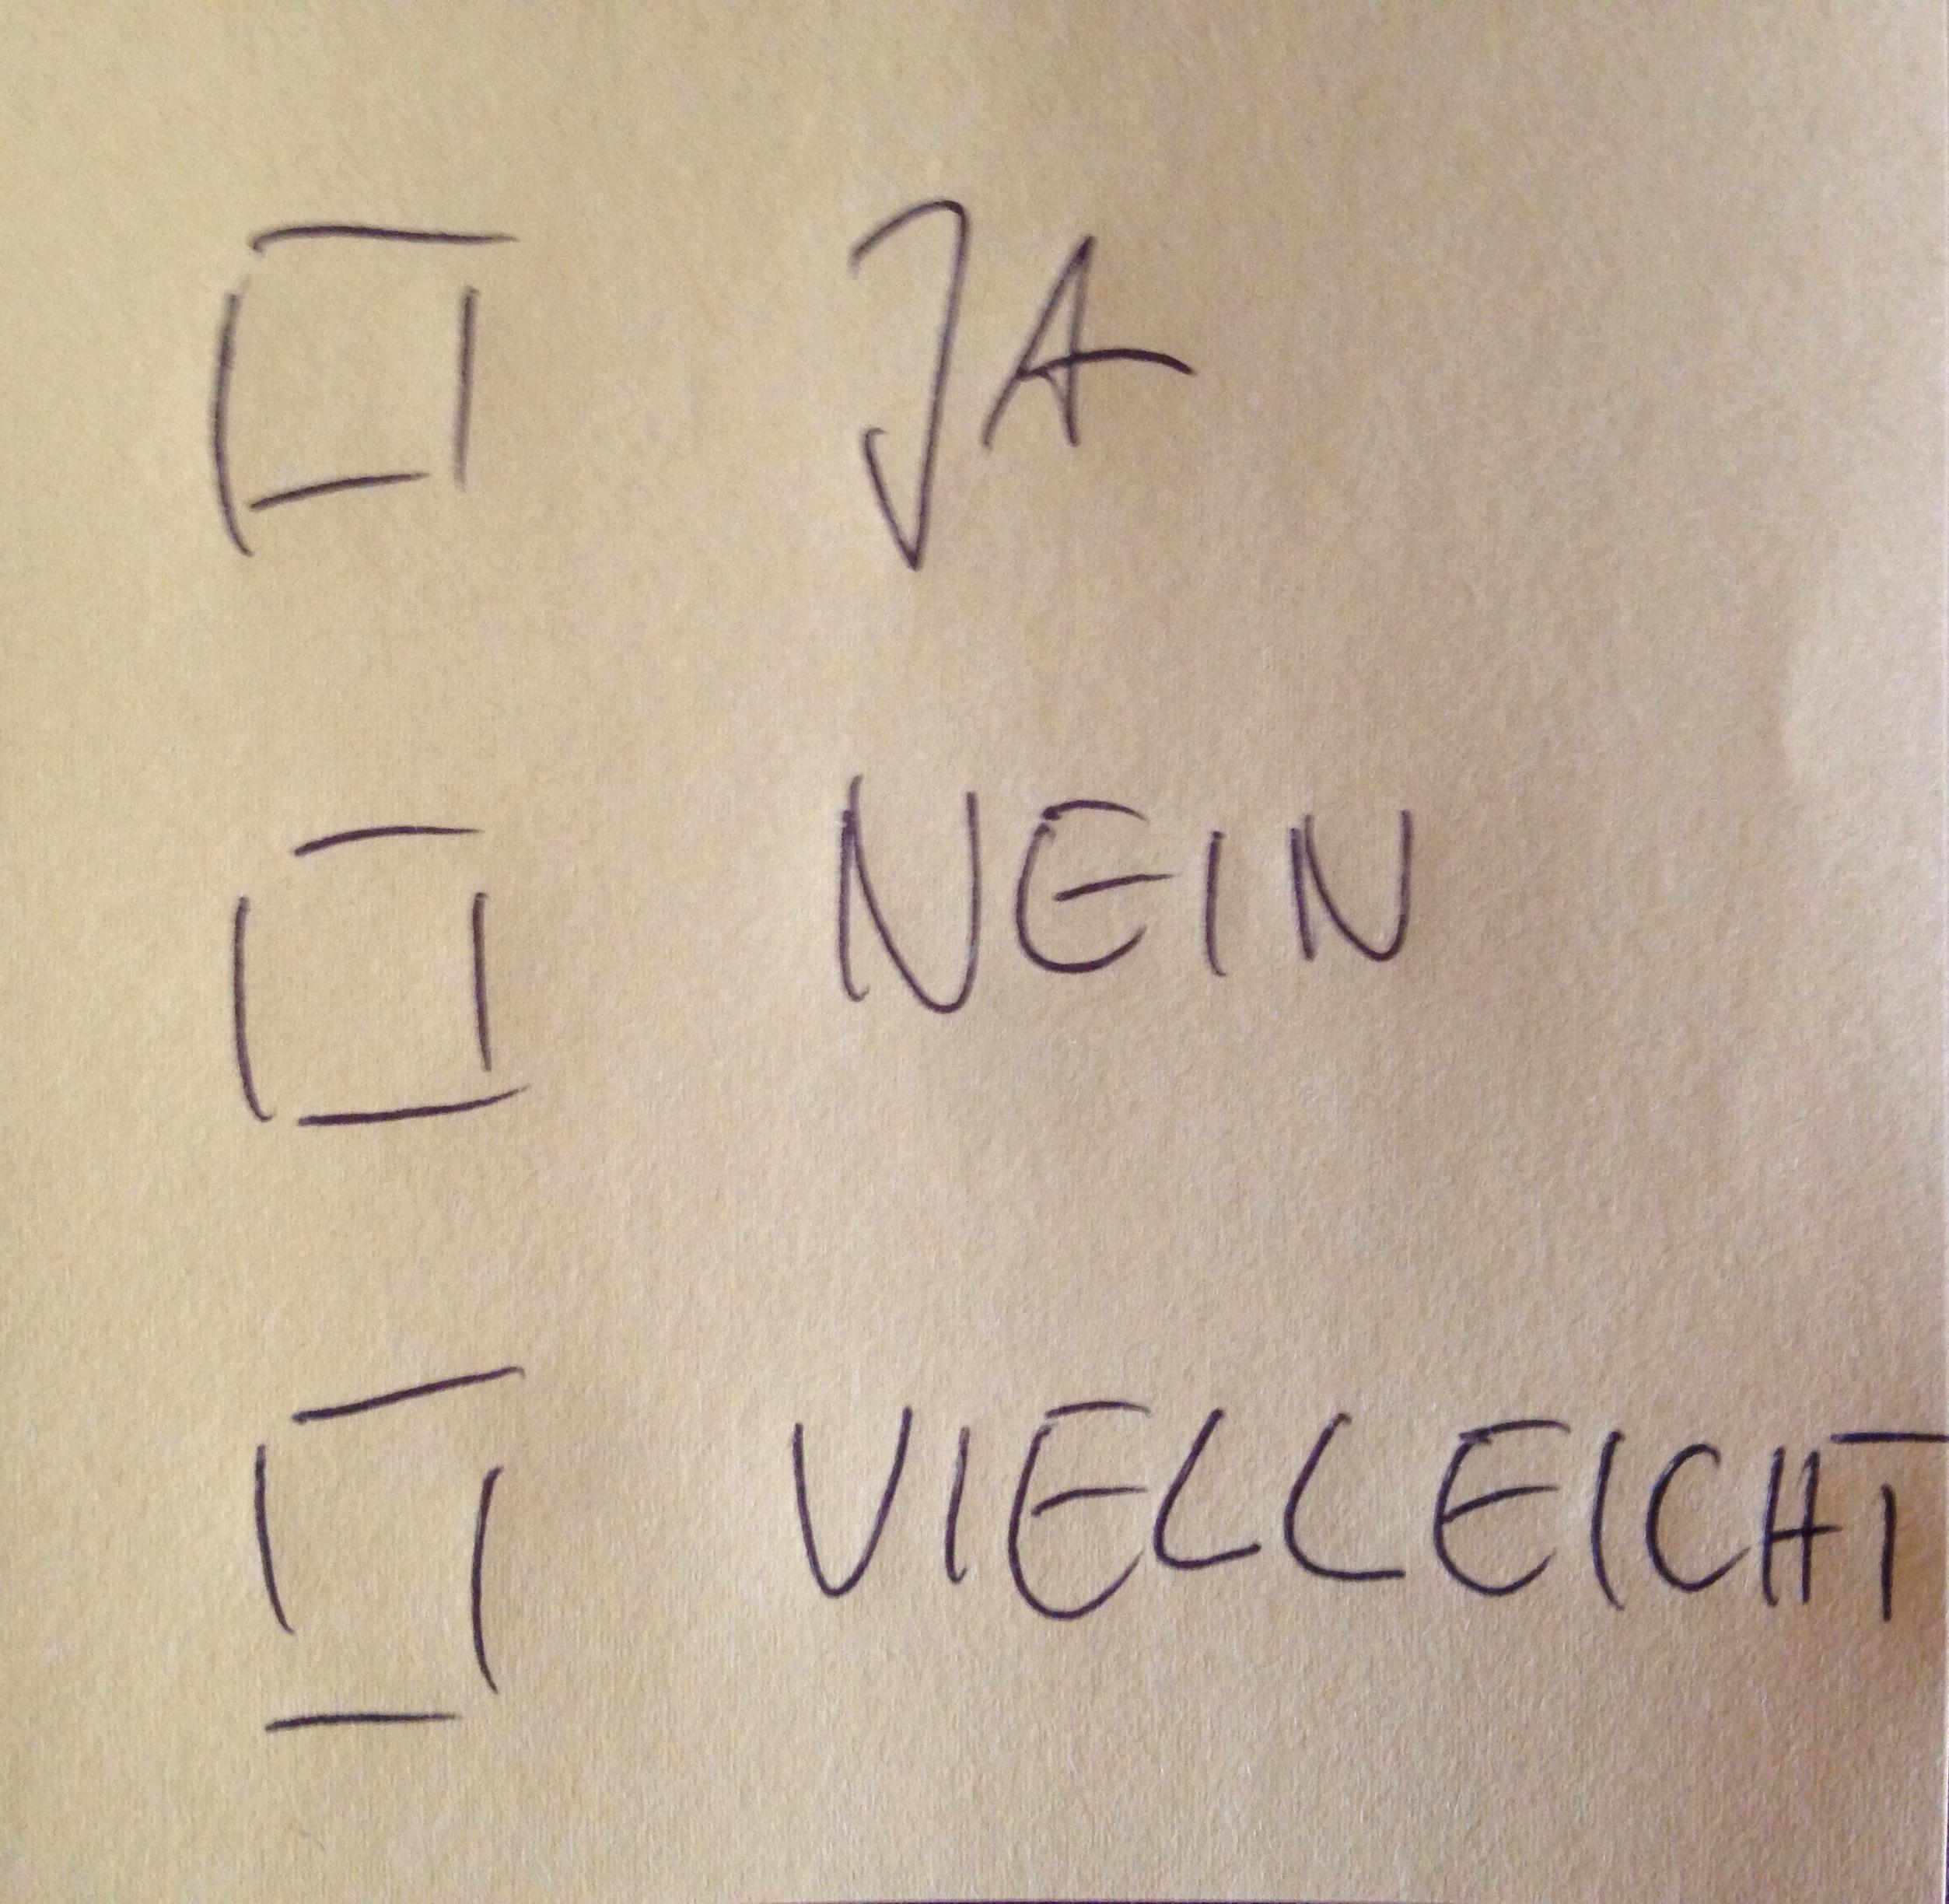 wohnzimmertisch ja oder nein  ja u2013 nein u2013  ~ Geschirrspülmaschine Ja Oder Nein